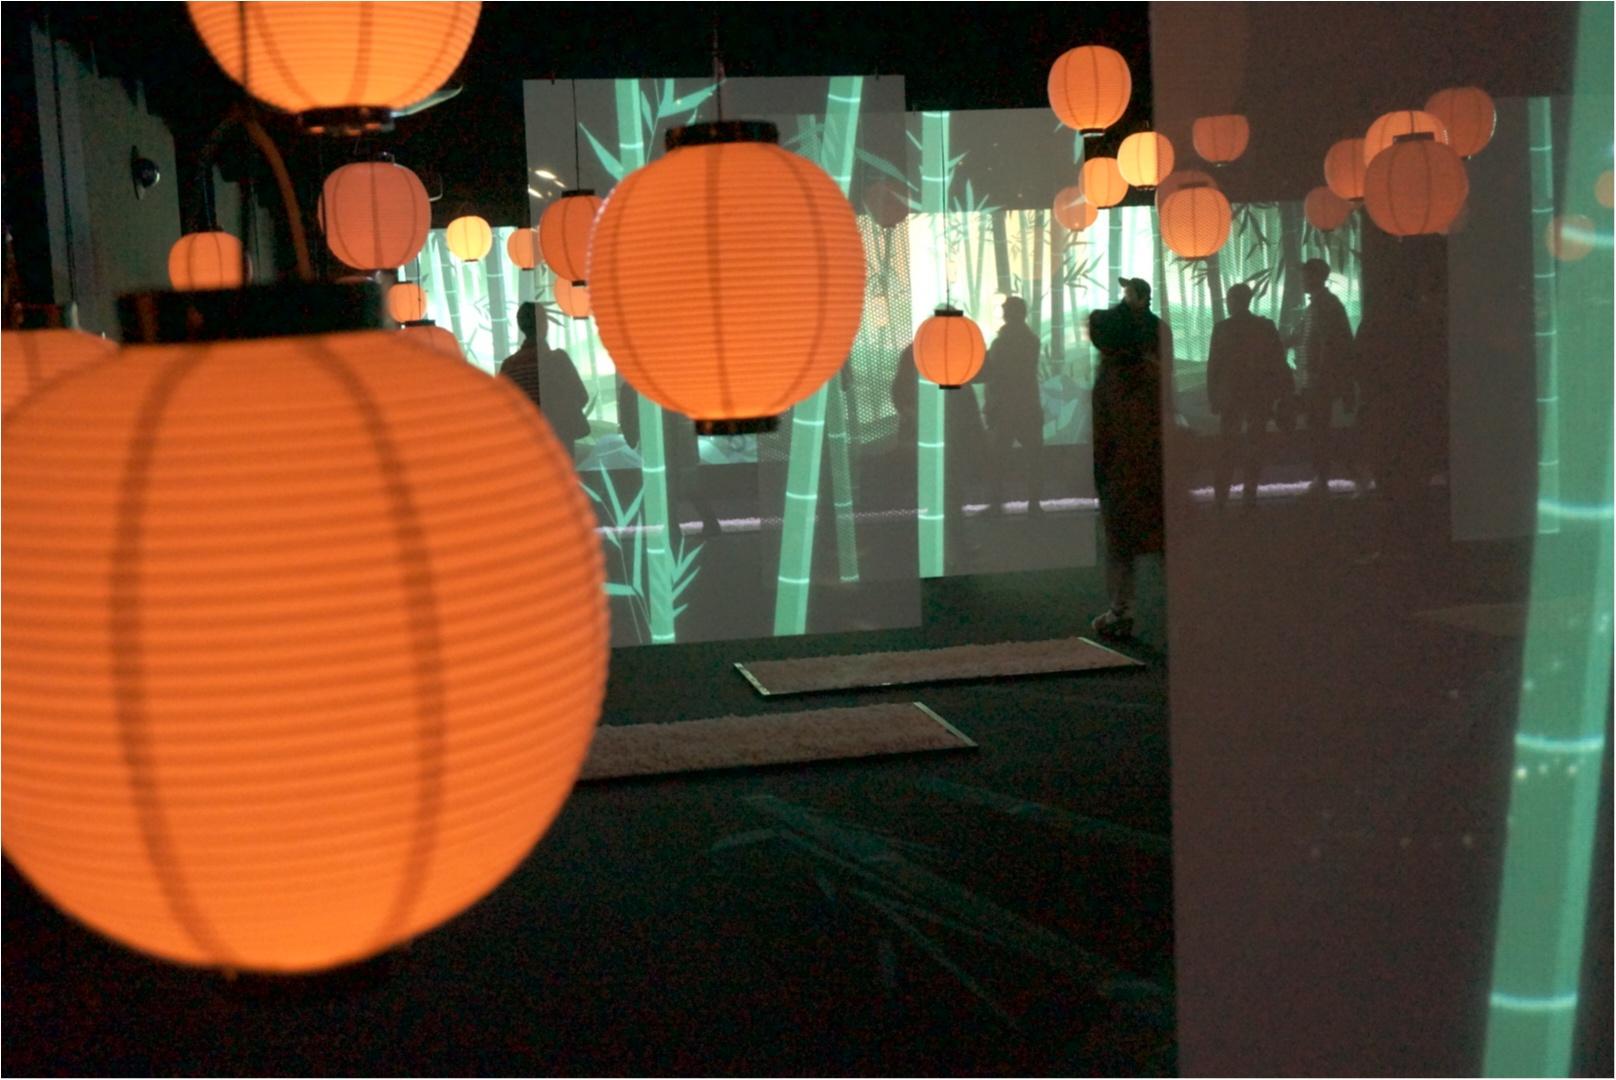 新感覚の見て食べる体験型デジタルアートのクオリティーがすごい( ´艸`)‼︎_3